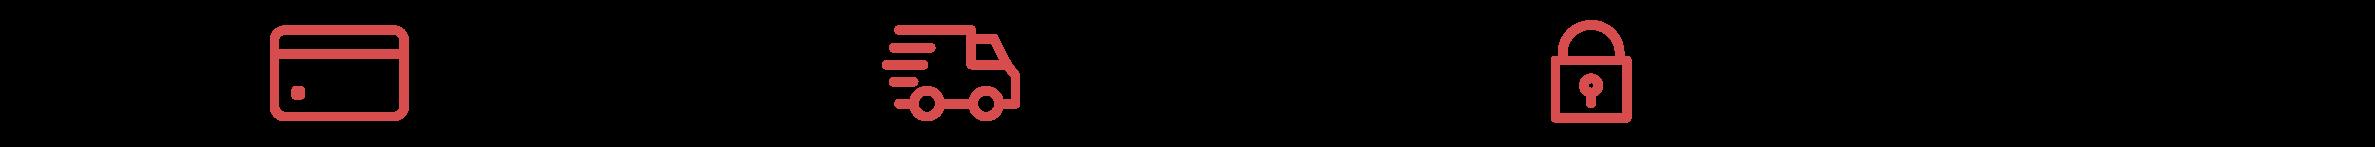 Tarja 2020